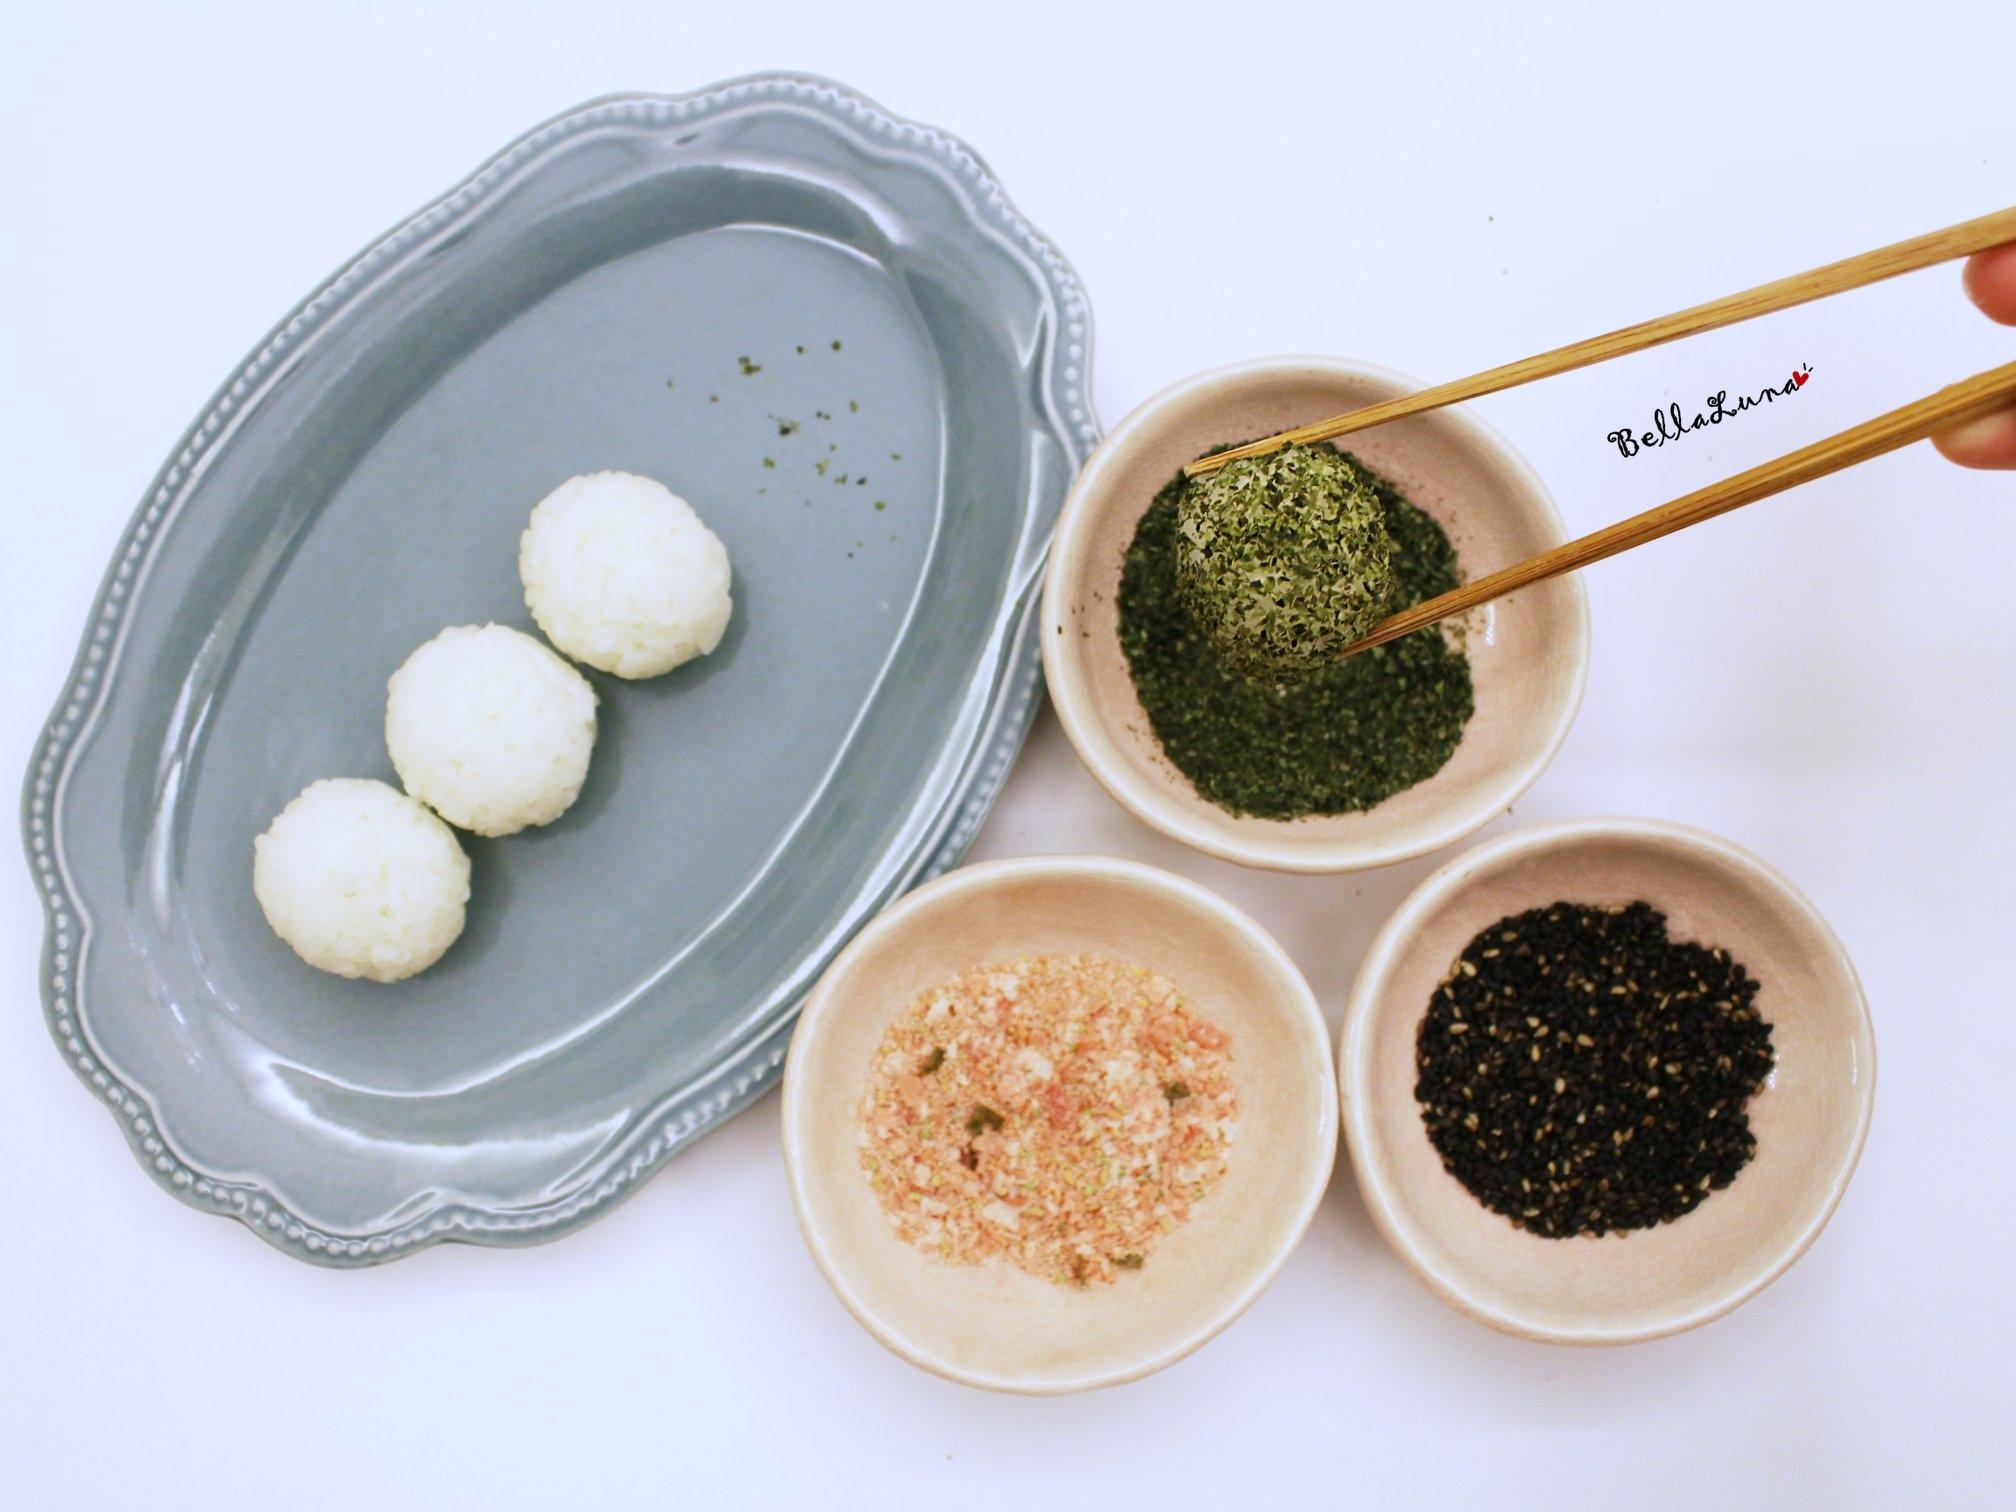 串飯糰 11.jpg